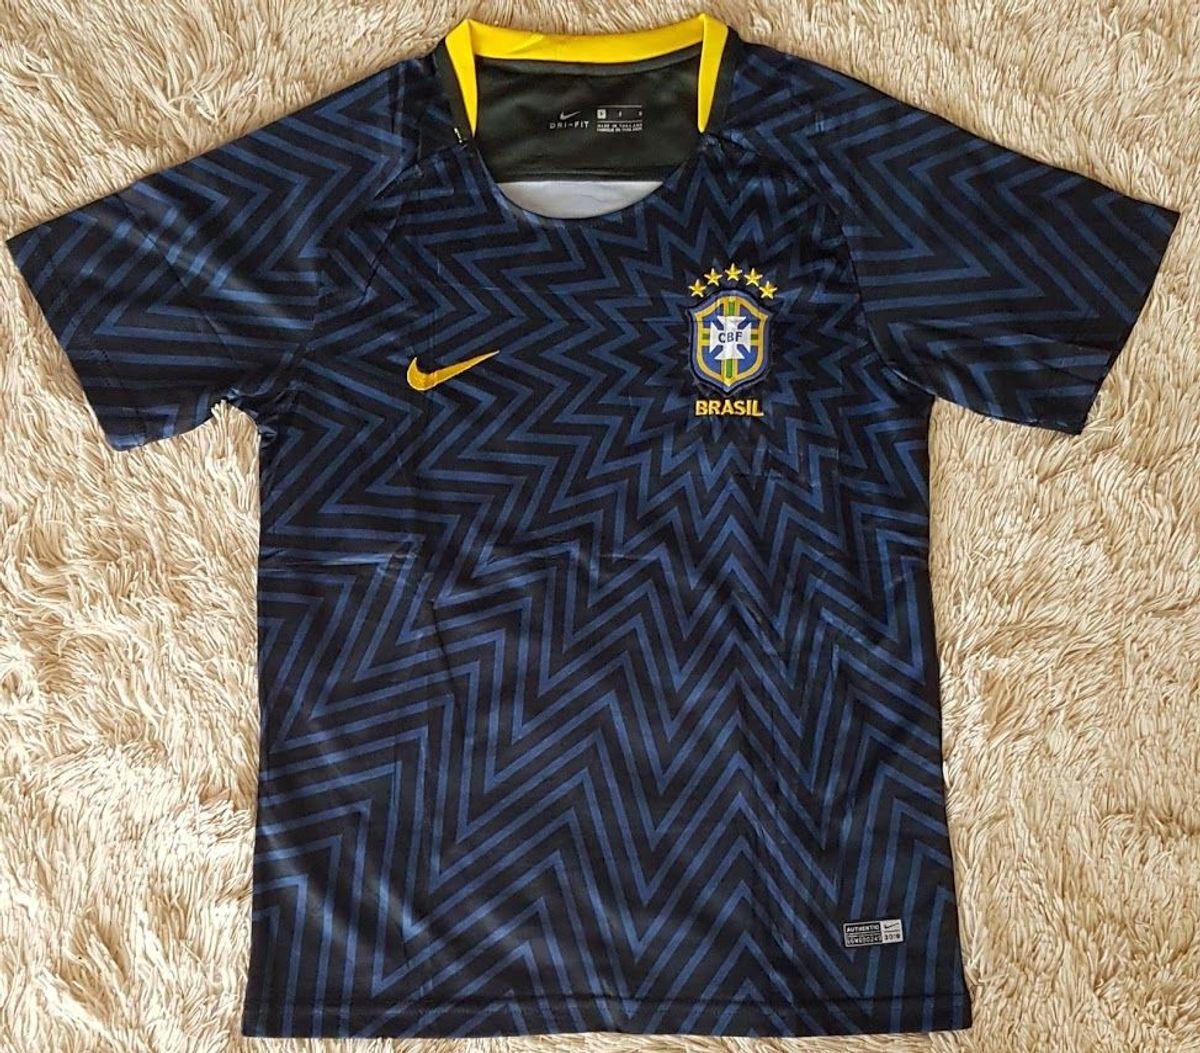 Camisa Oficial Selecao Brasileira Copa 2018 Azul Treino Tam P E M Roupa Esportiva Masculino Nike Nunca Usado 38094231 Enjoei